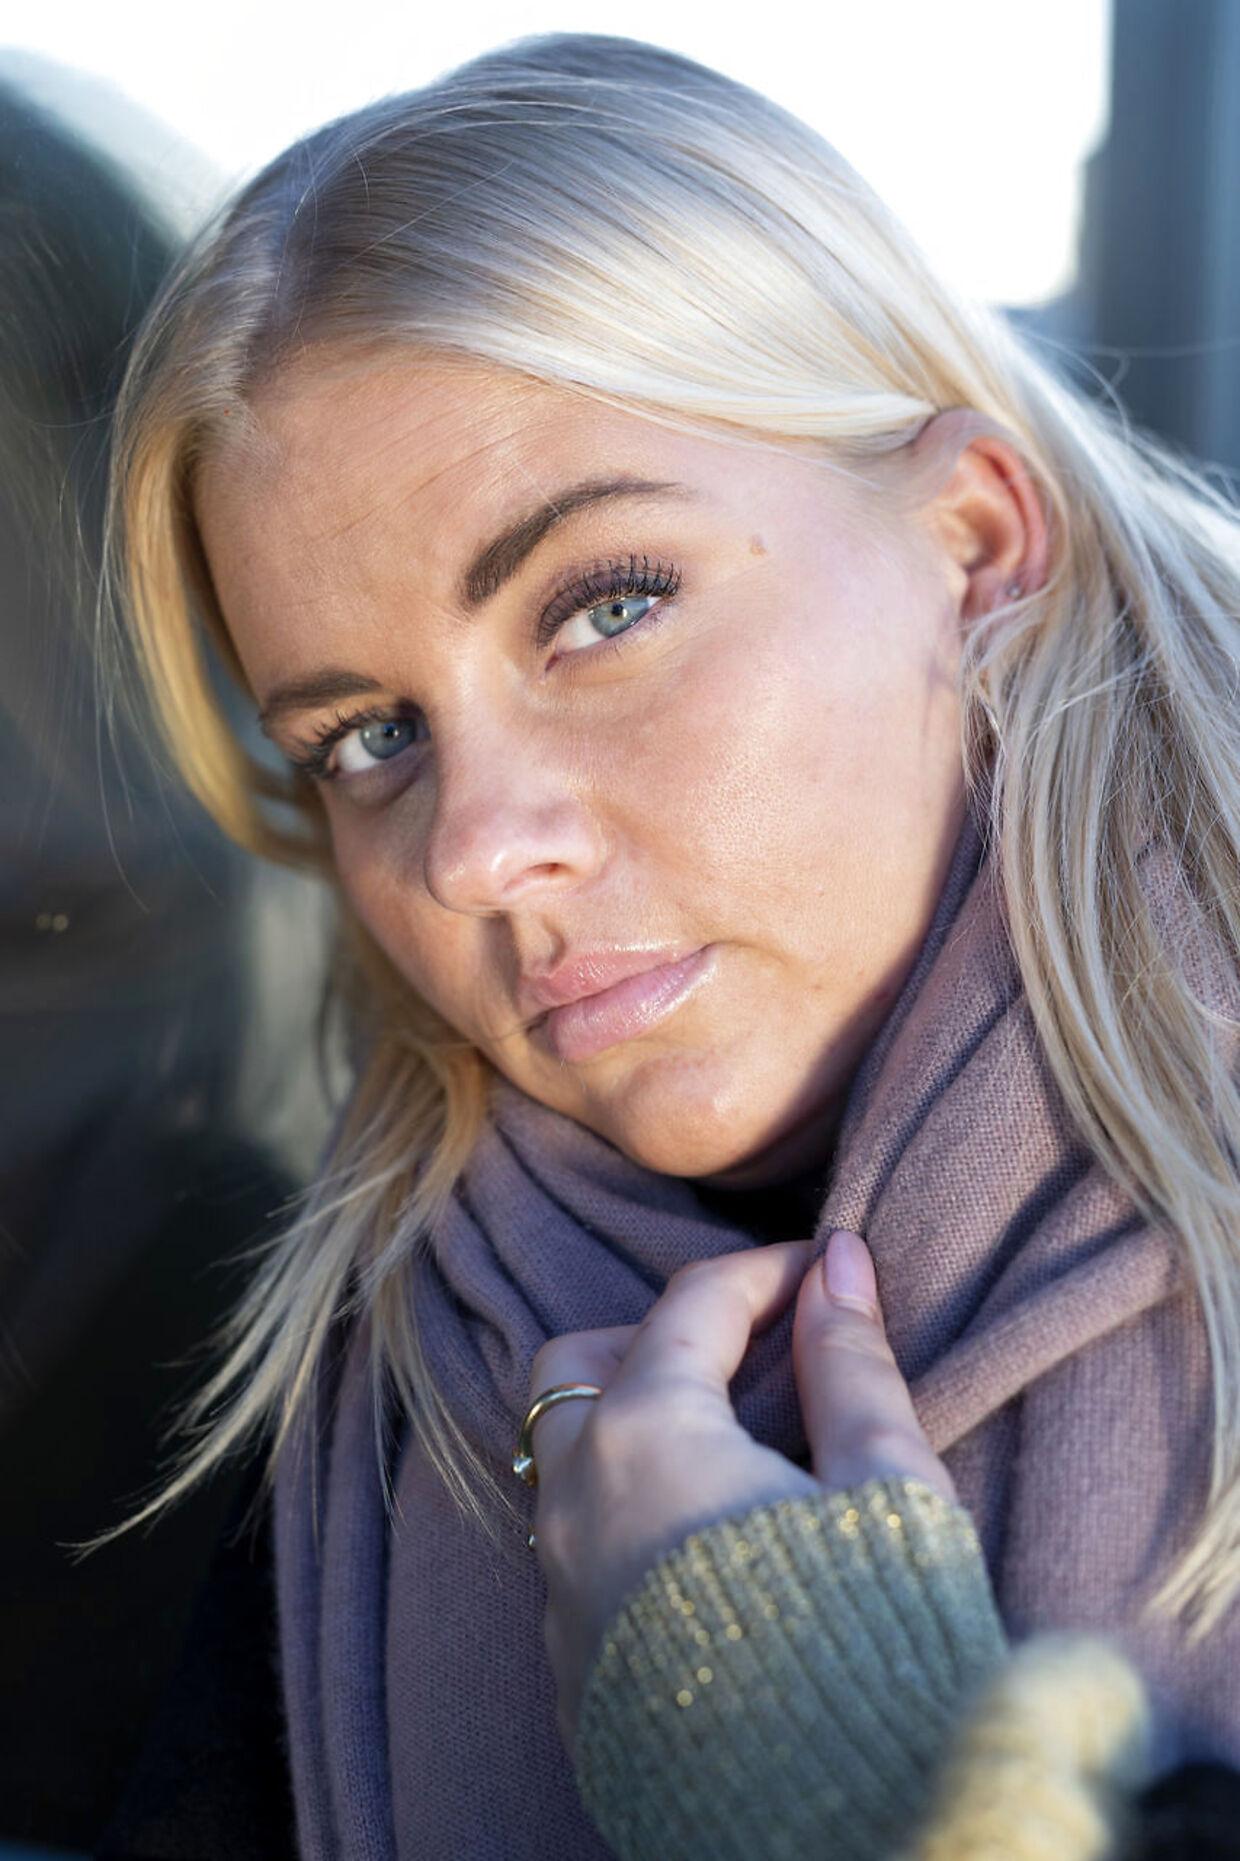 Karoline Sofie Klit efter Præstø-ulykken. København den 11. februar 2019.